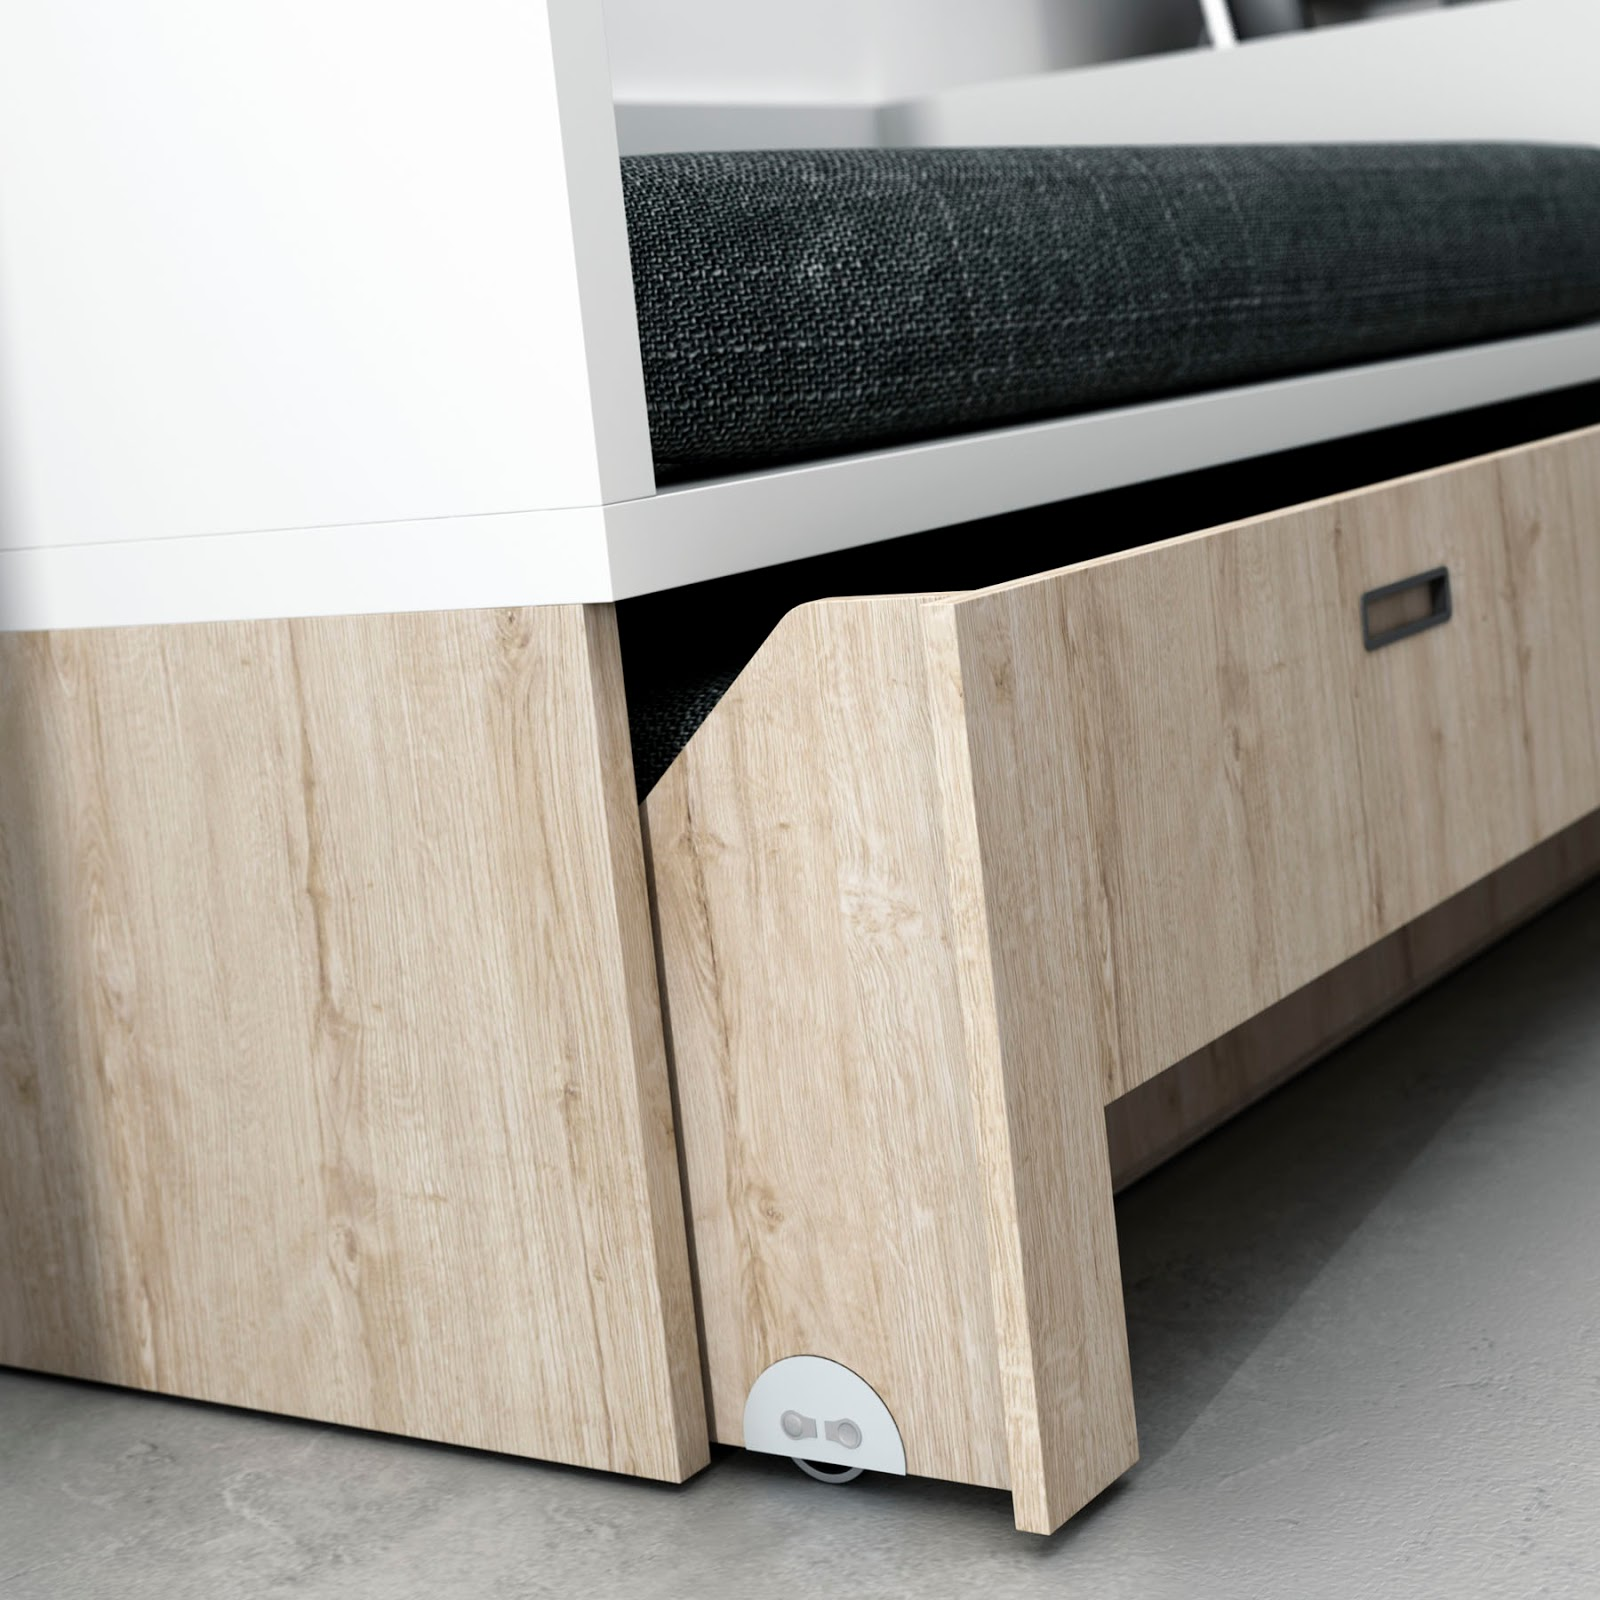 Camas compacto juveniles de igual medida la cama de arriba for Medidas camas compactas juveniles